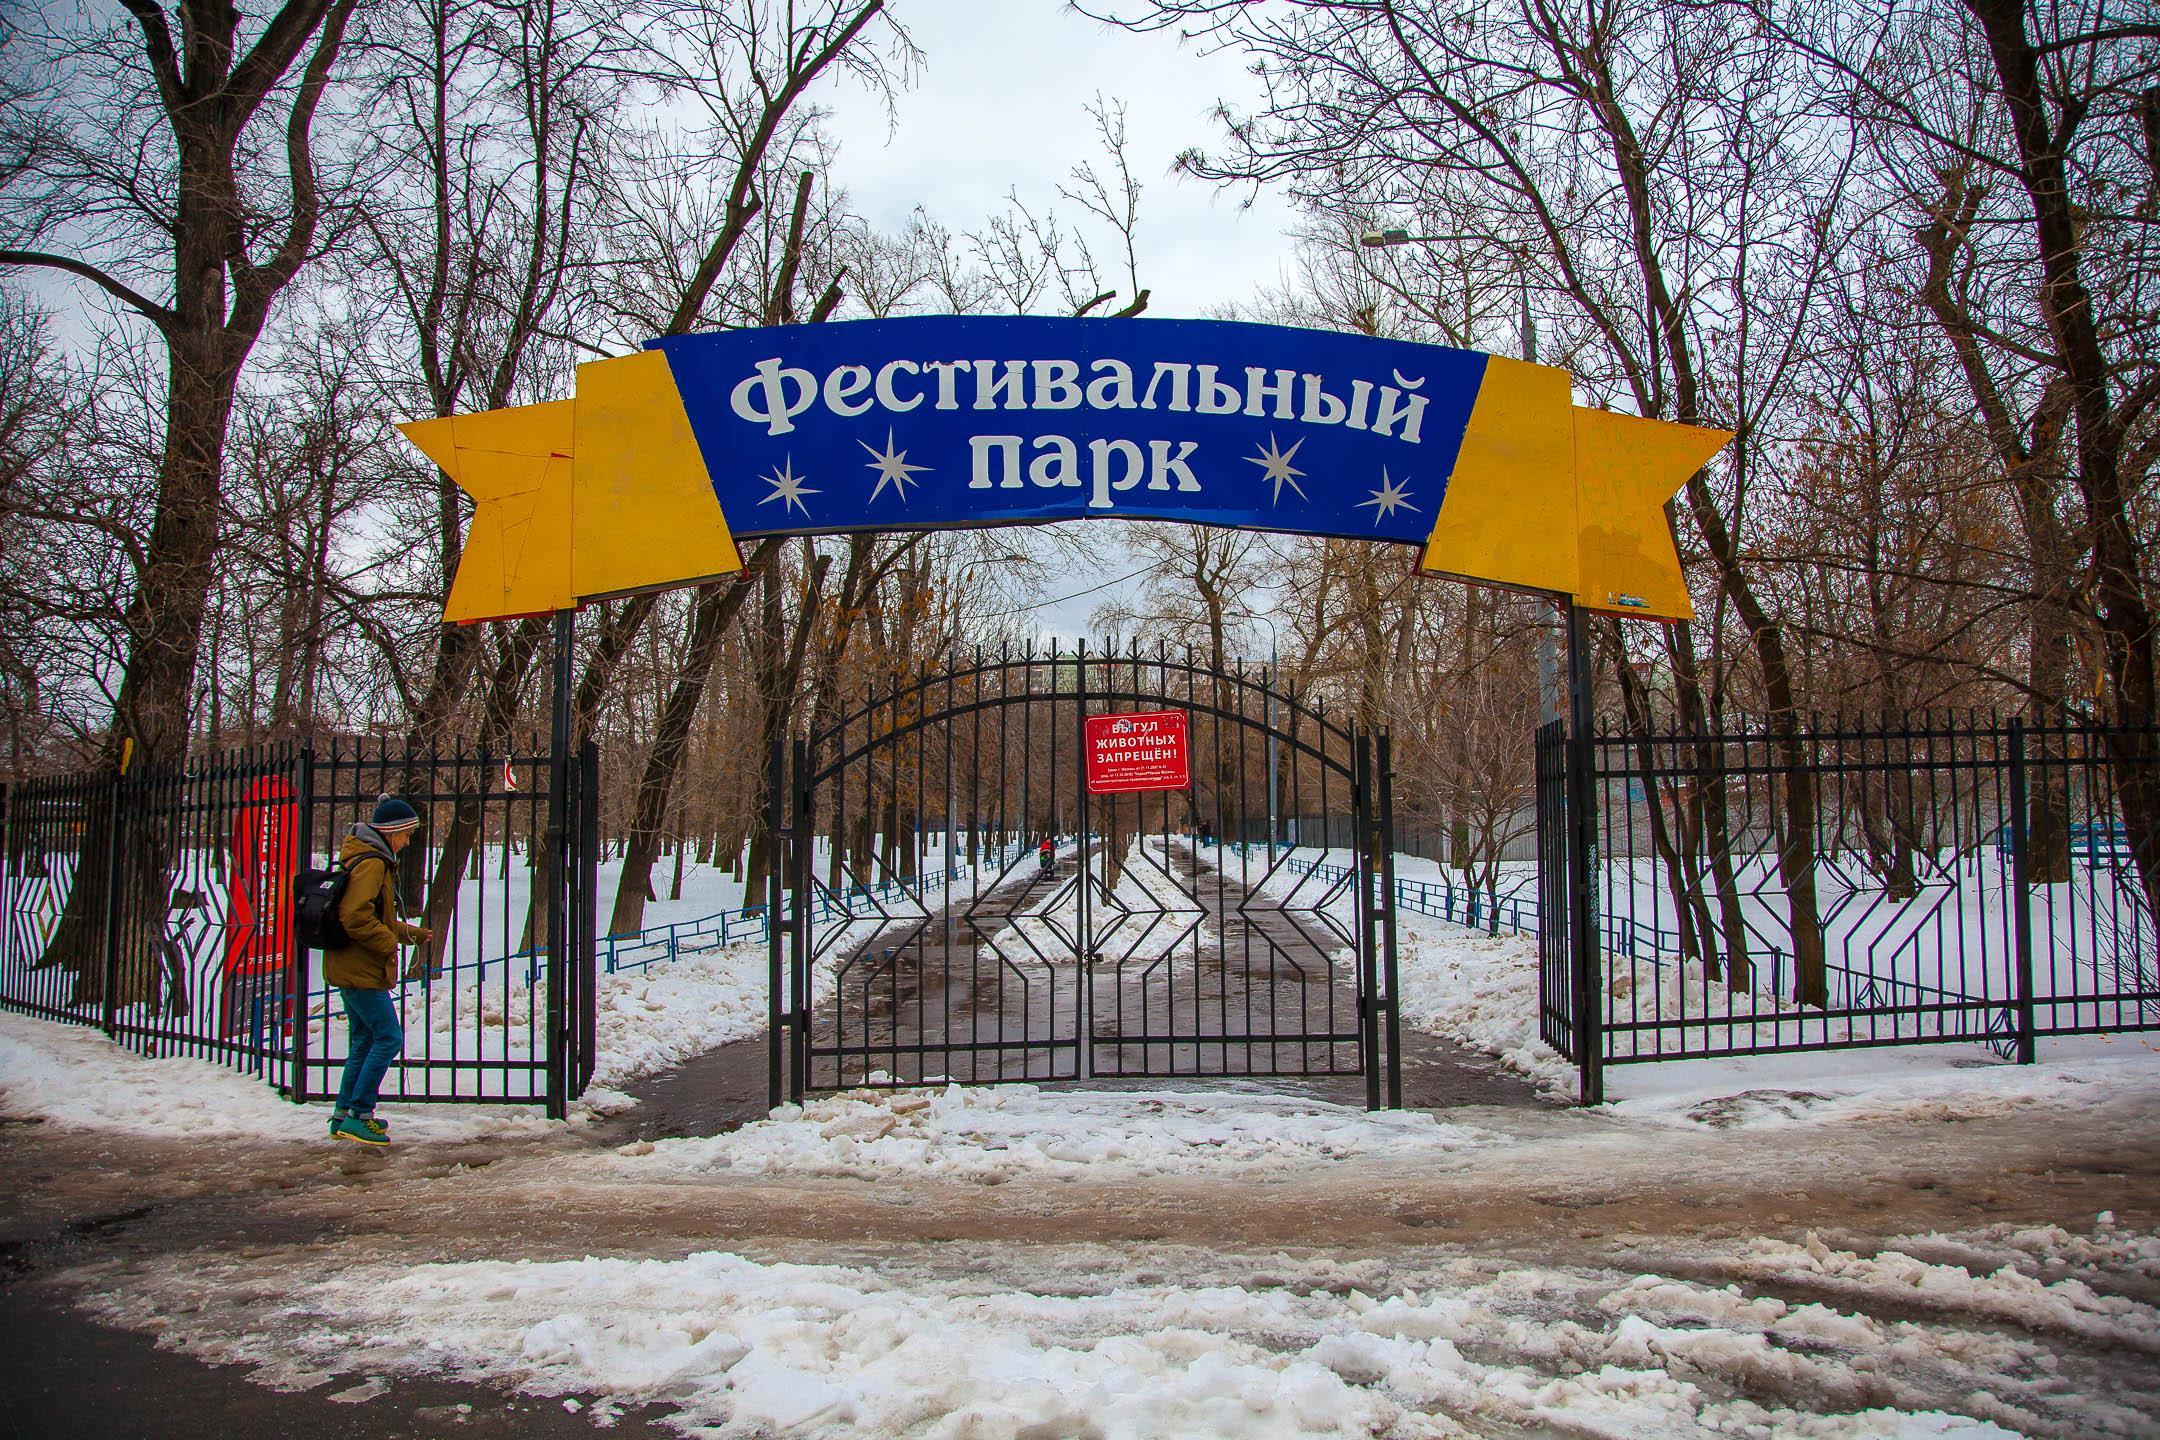 Вход в парк «Фестивальный»